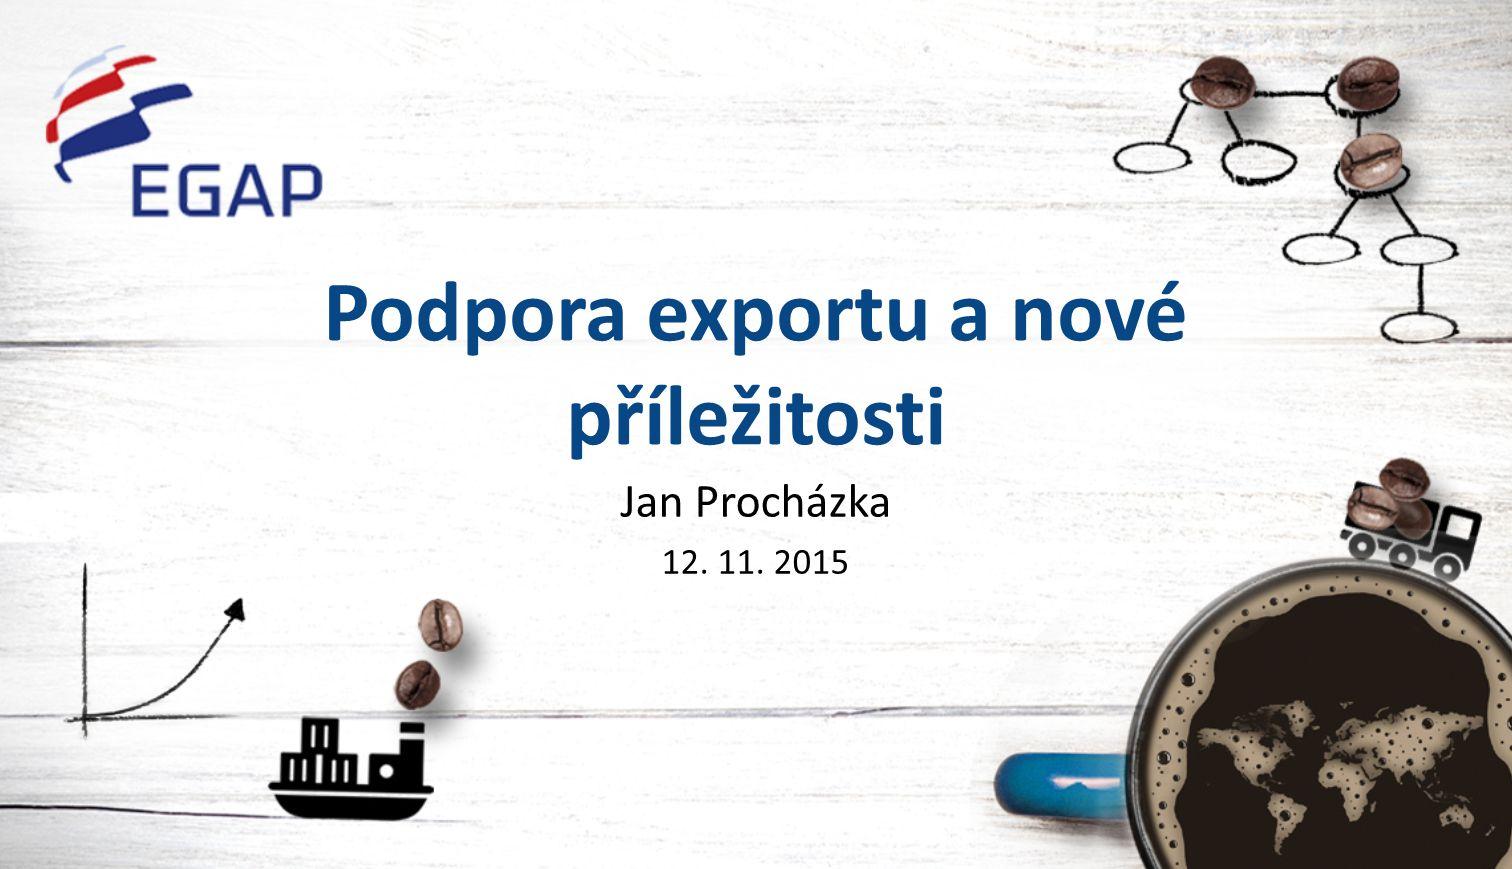 Podpora exportu a nové příležitosti Jan Procházka 12. 11. 2015